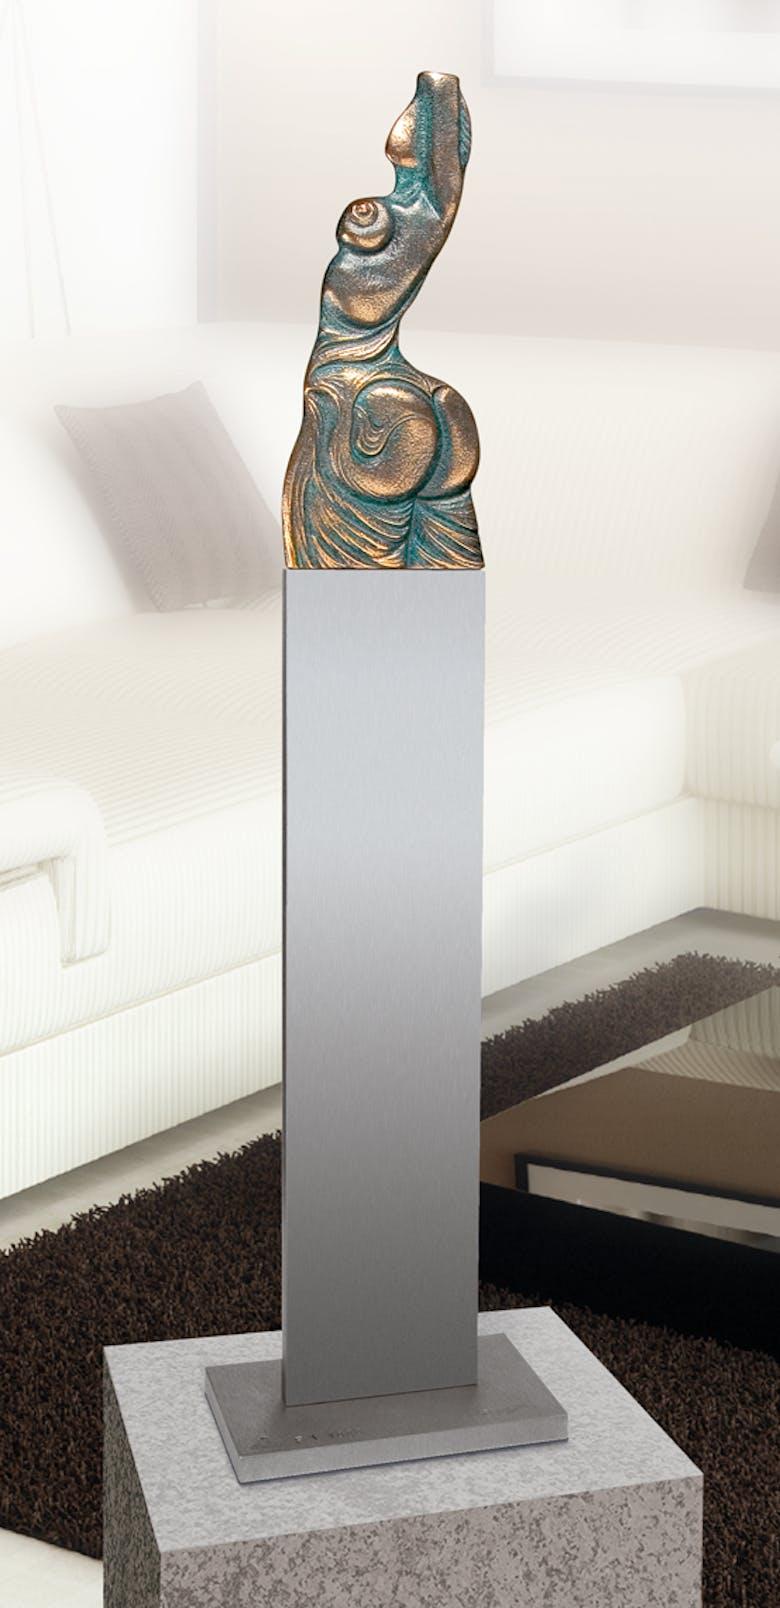 Bronzefigur Venusische Zeichen unter der Haut, Tischvariante von Ernst Fuchs